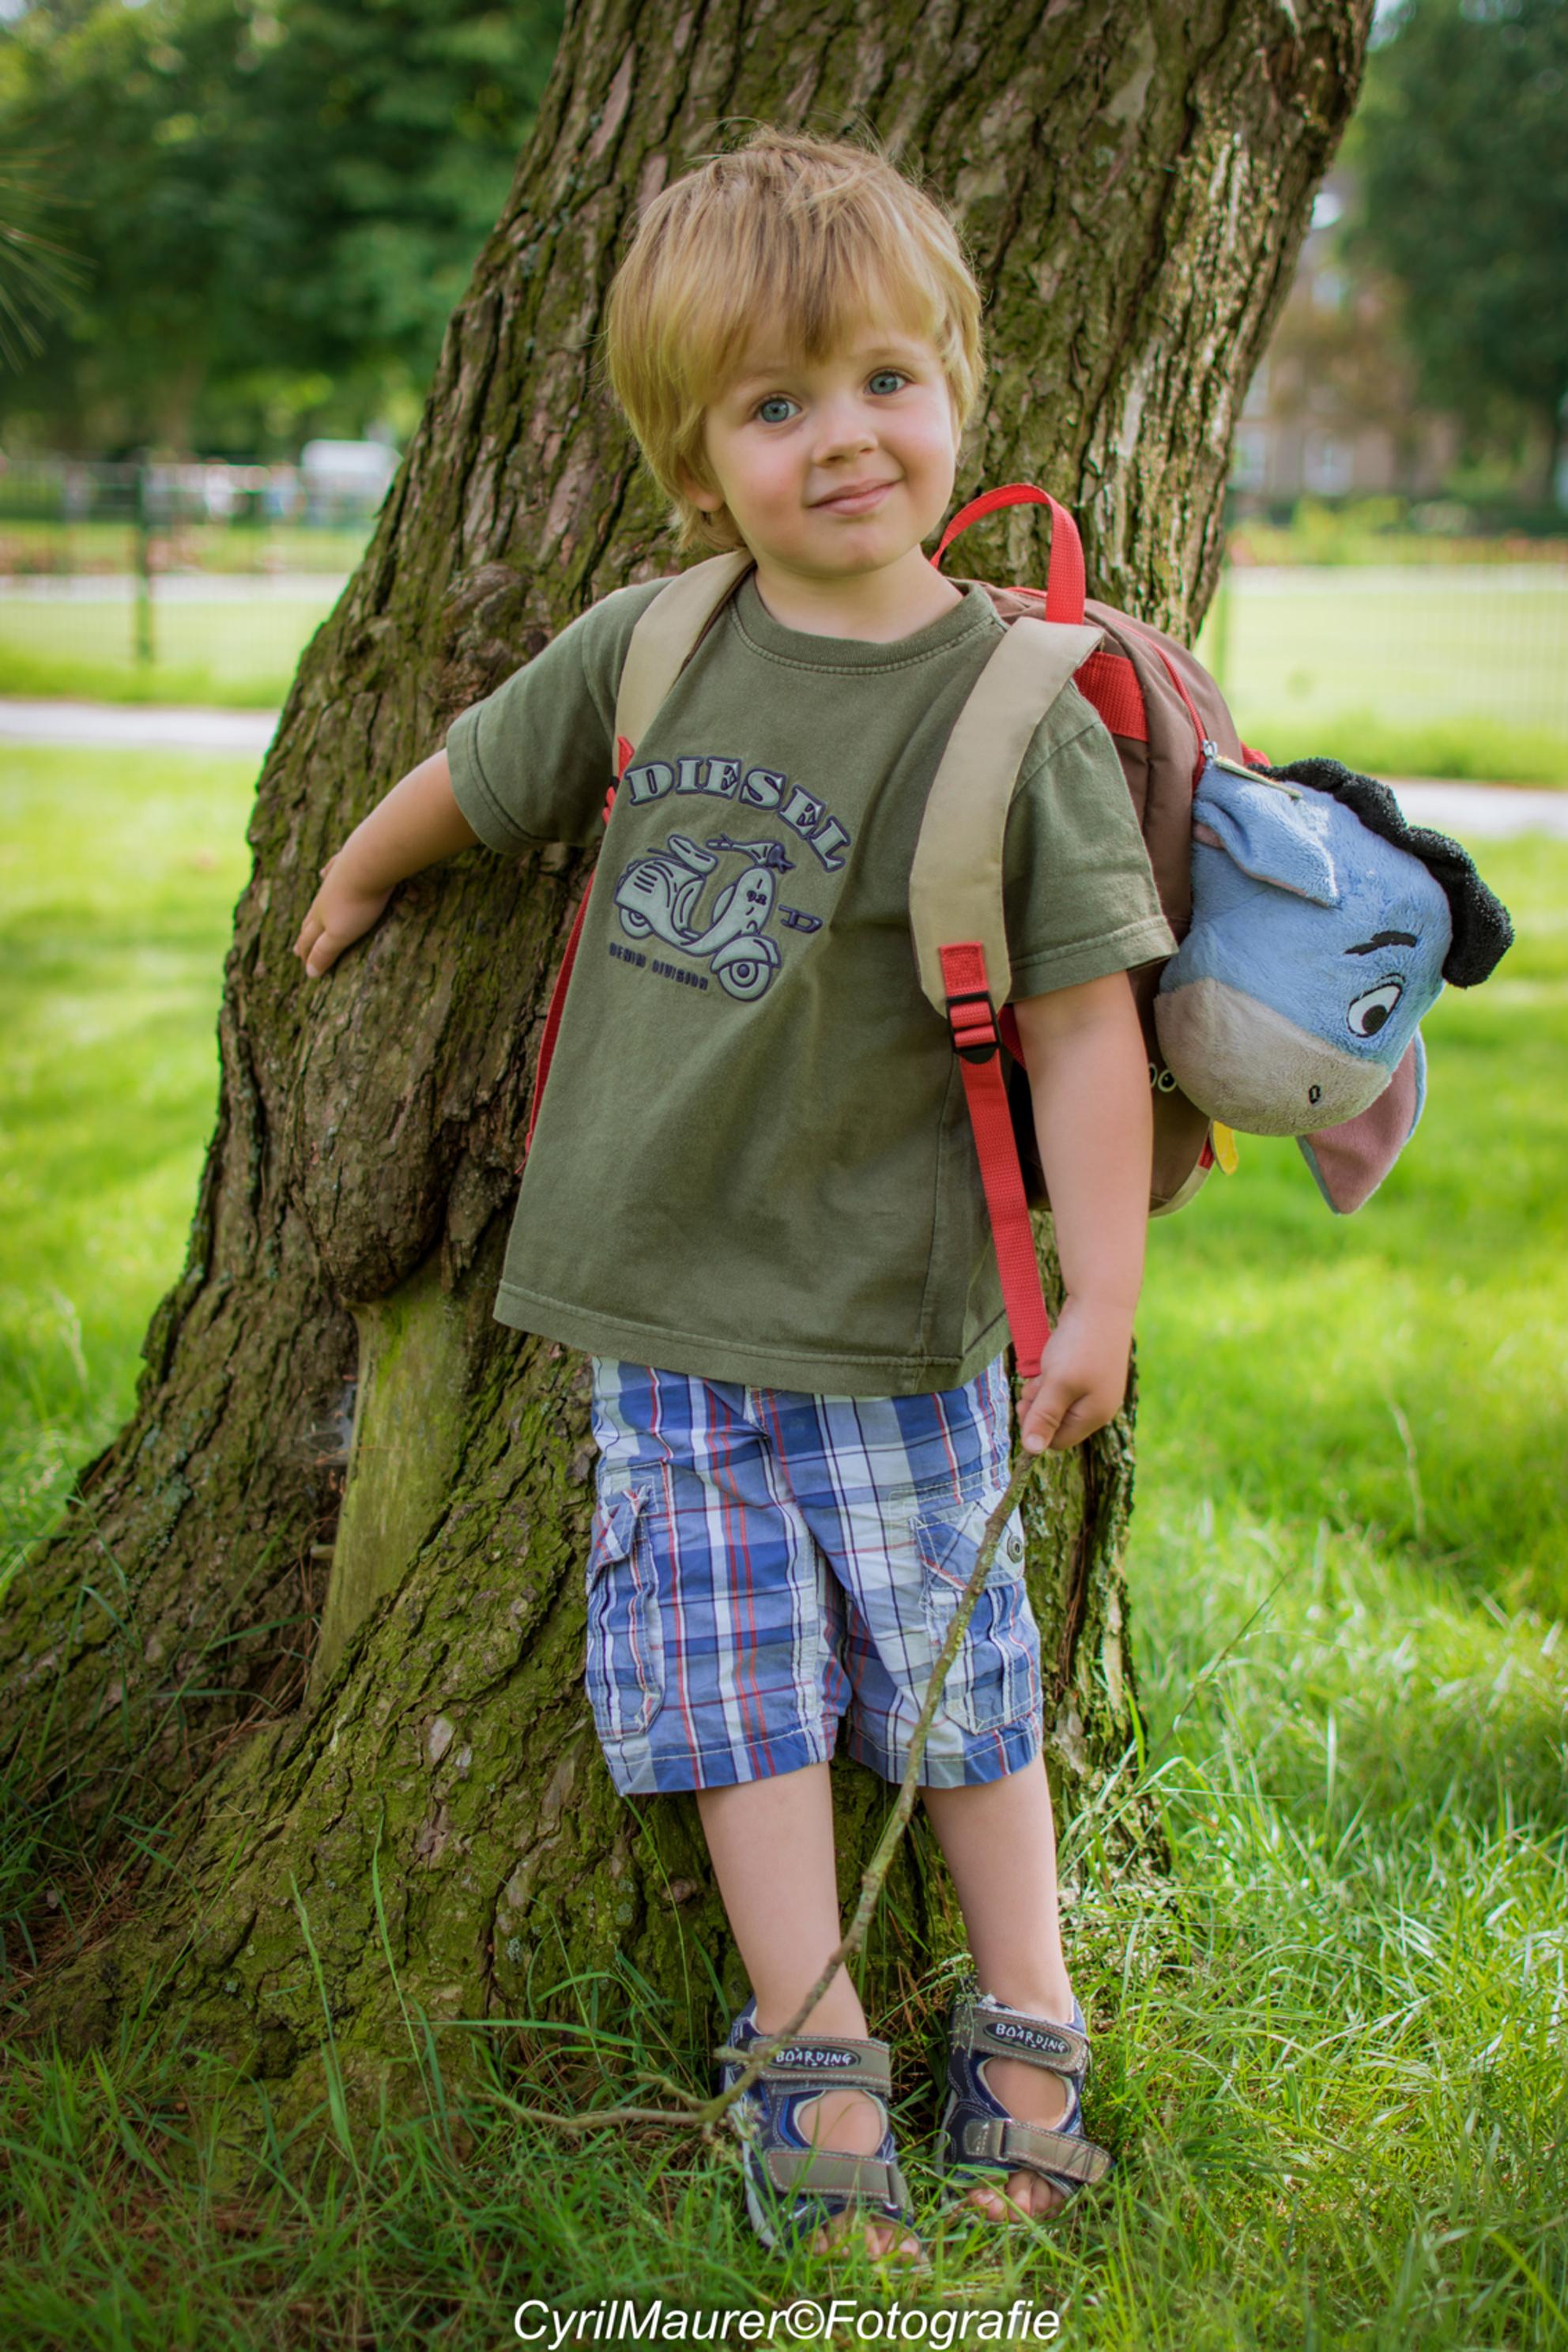 Mijn Zoontje Lucas - lekker aan het oefenen met me zoon en me nieuwe speeltje heerlijk erg blij met het resultaat    Zo ontzettend blij met me nieuwe 35mm portret lens  - foto door sipmaurer op 06-07-2016 - deze foto bevat: natuur, licht, portret, schaduw, tegenlicht, daglicht, kind, ogen, lucas, buiten, 35mm, ochtend zon, mijn zoon, f 2.2 - Deze foto mag gebruikt worden in een Zoom.nl publicatie